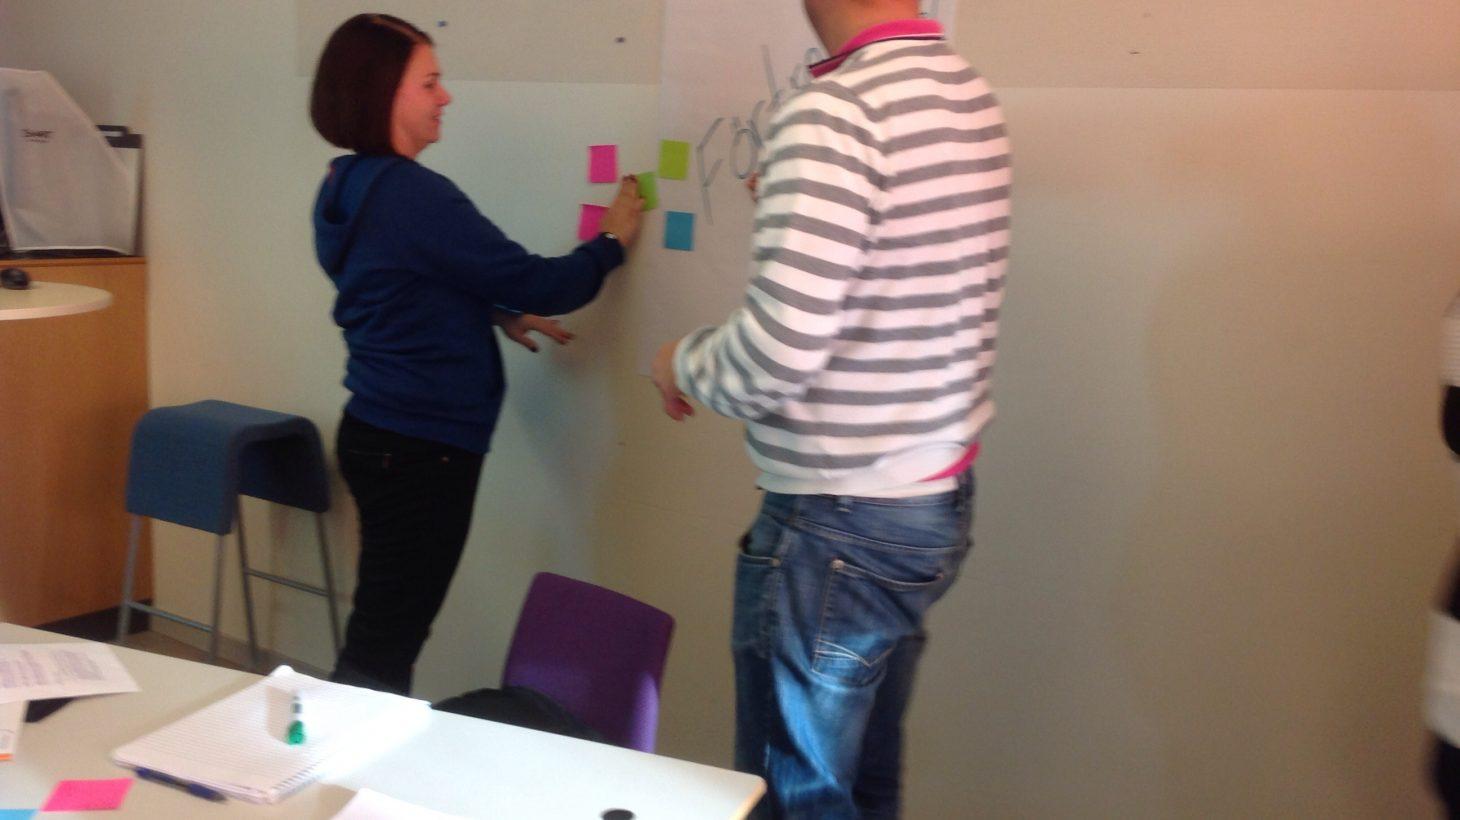 Kvinna och man sätter upp post-itlappar på vägg.